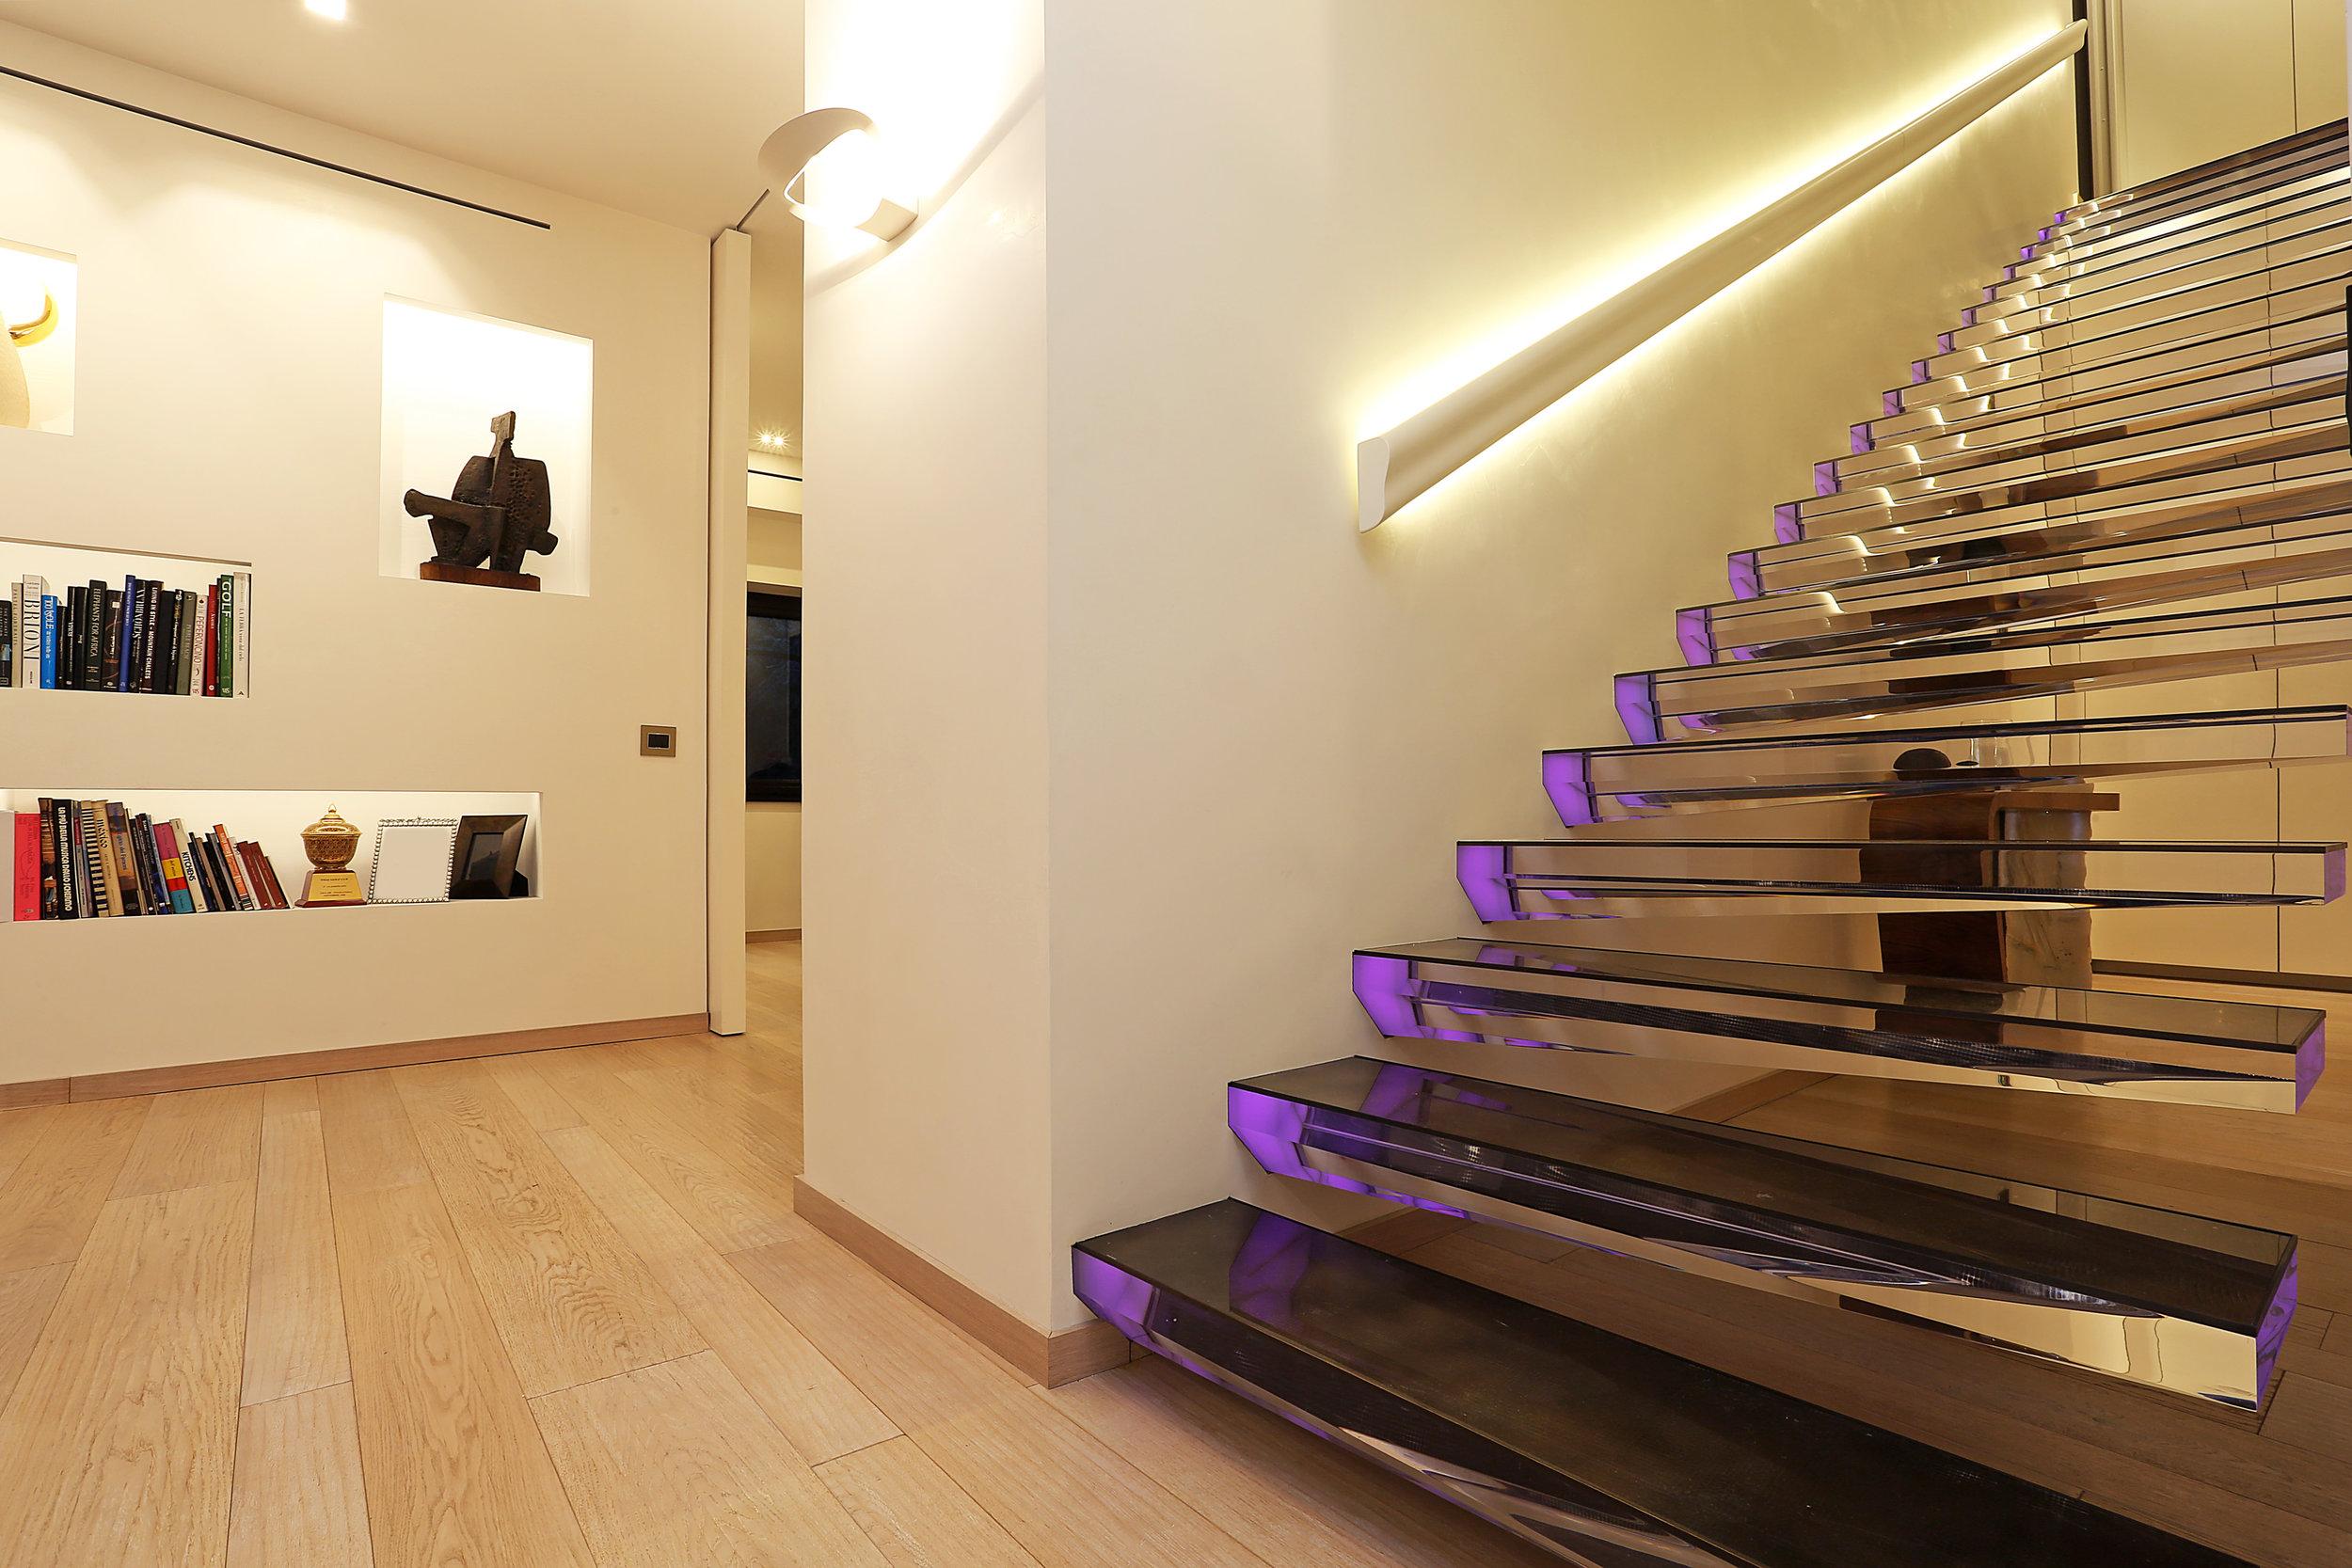 Exklusive Treppen bei Treppen.de — Exklusiver Treppenbau